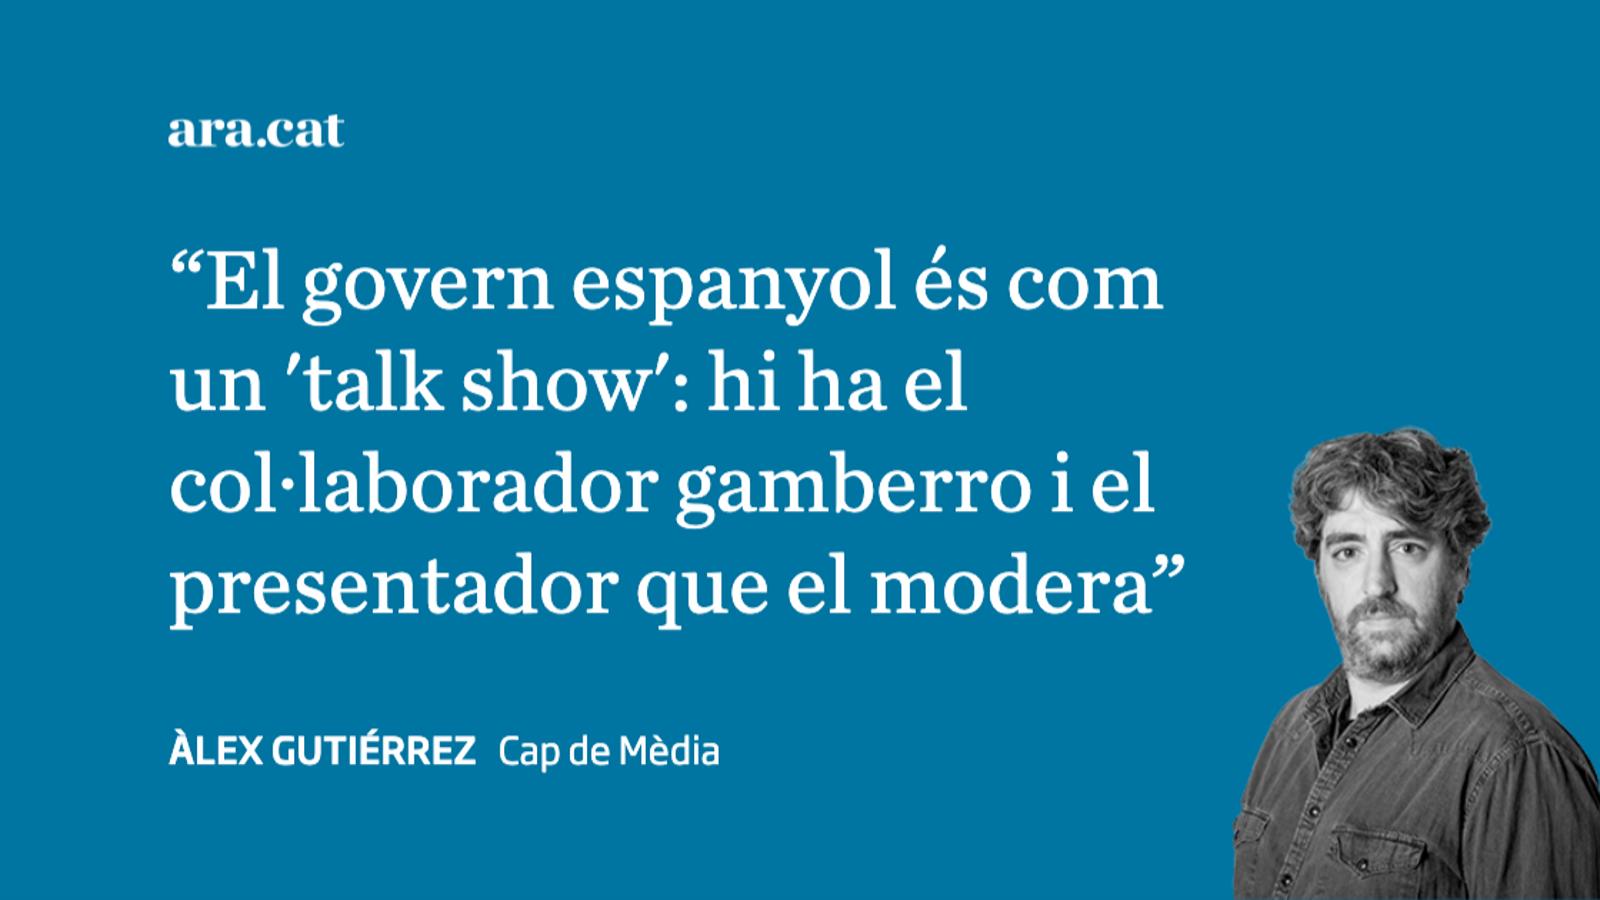 Placatge mediàtic al tímid republicanisme espanyol